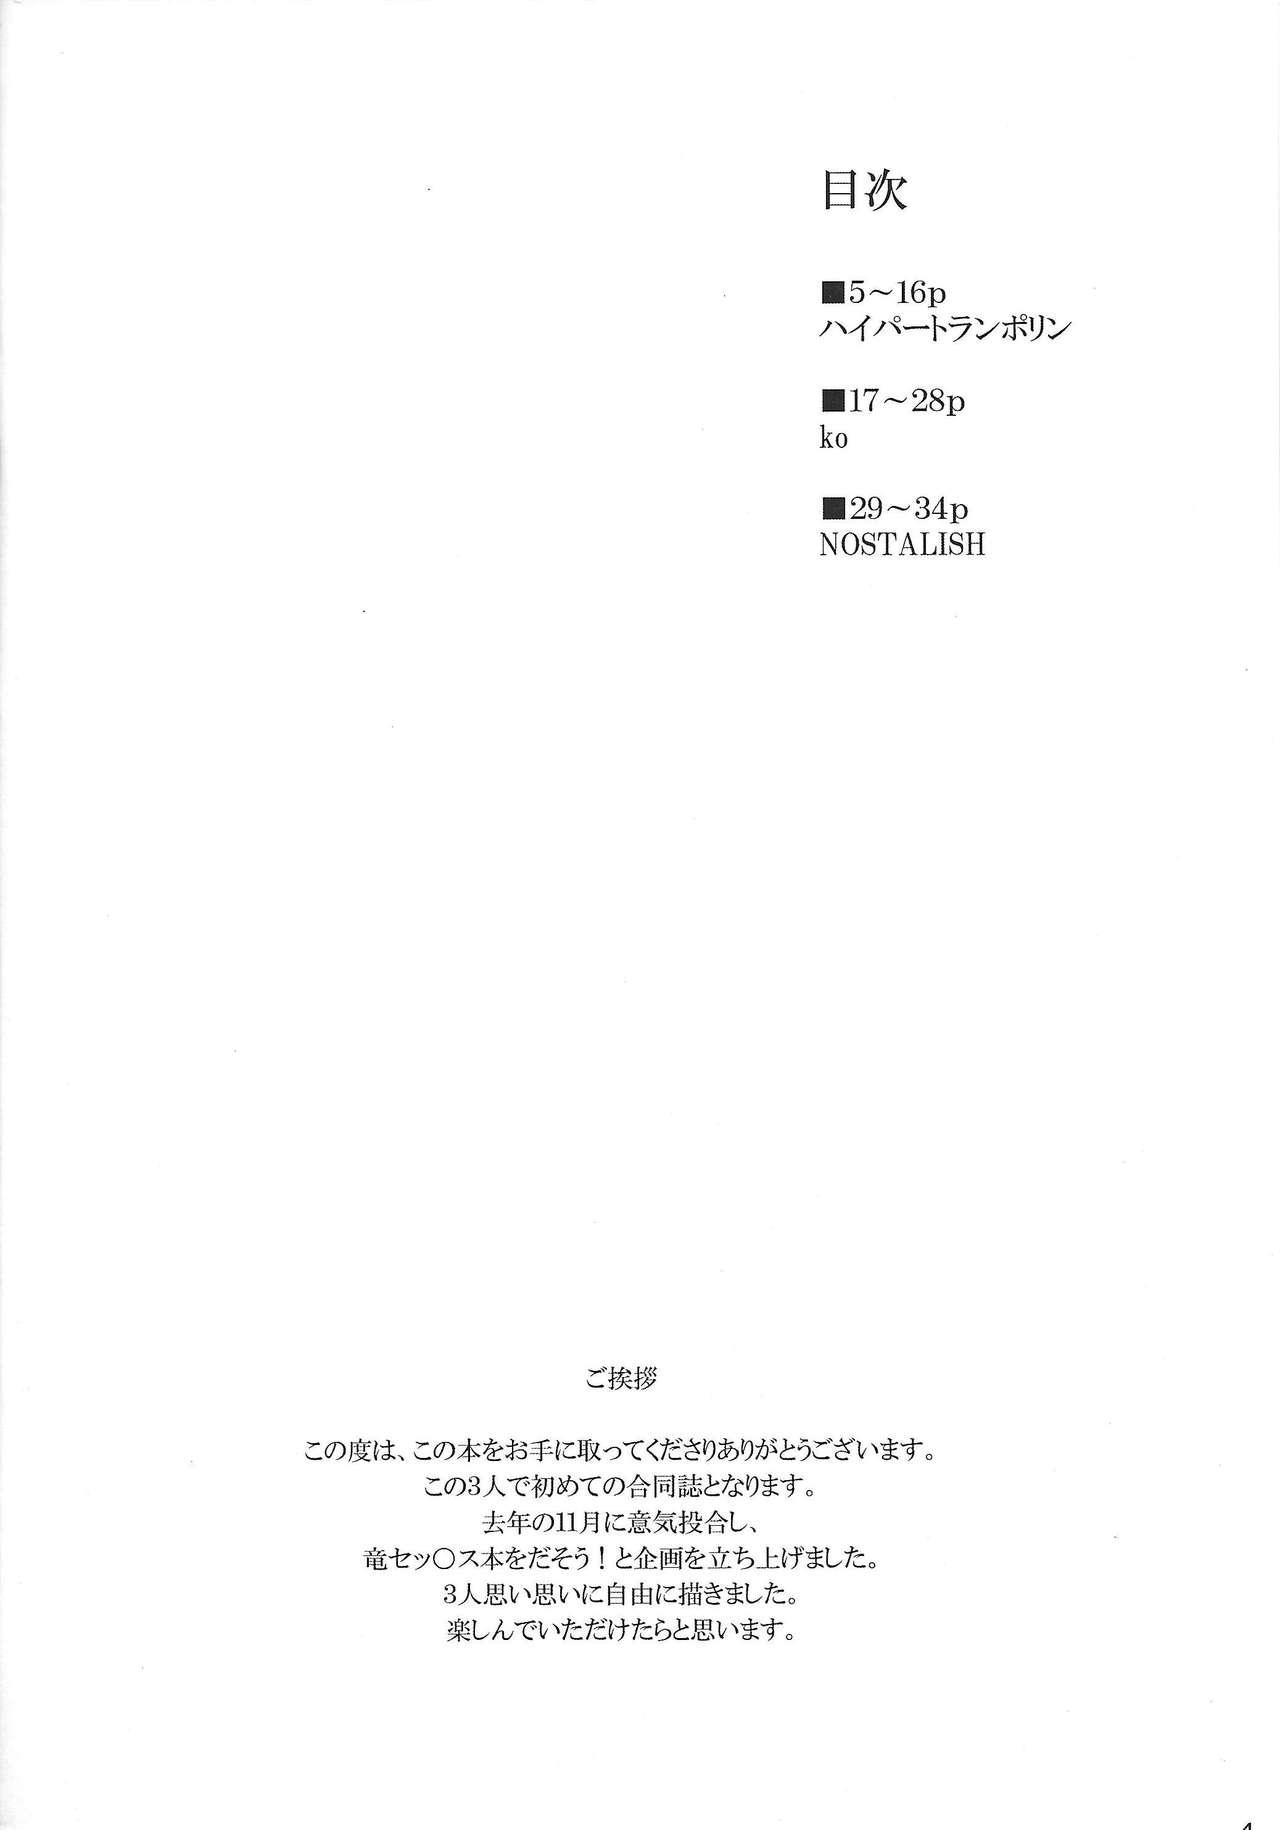 Doragontakuse~tsu○ su 3